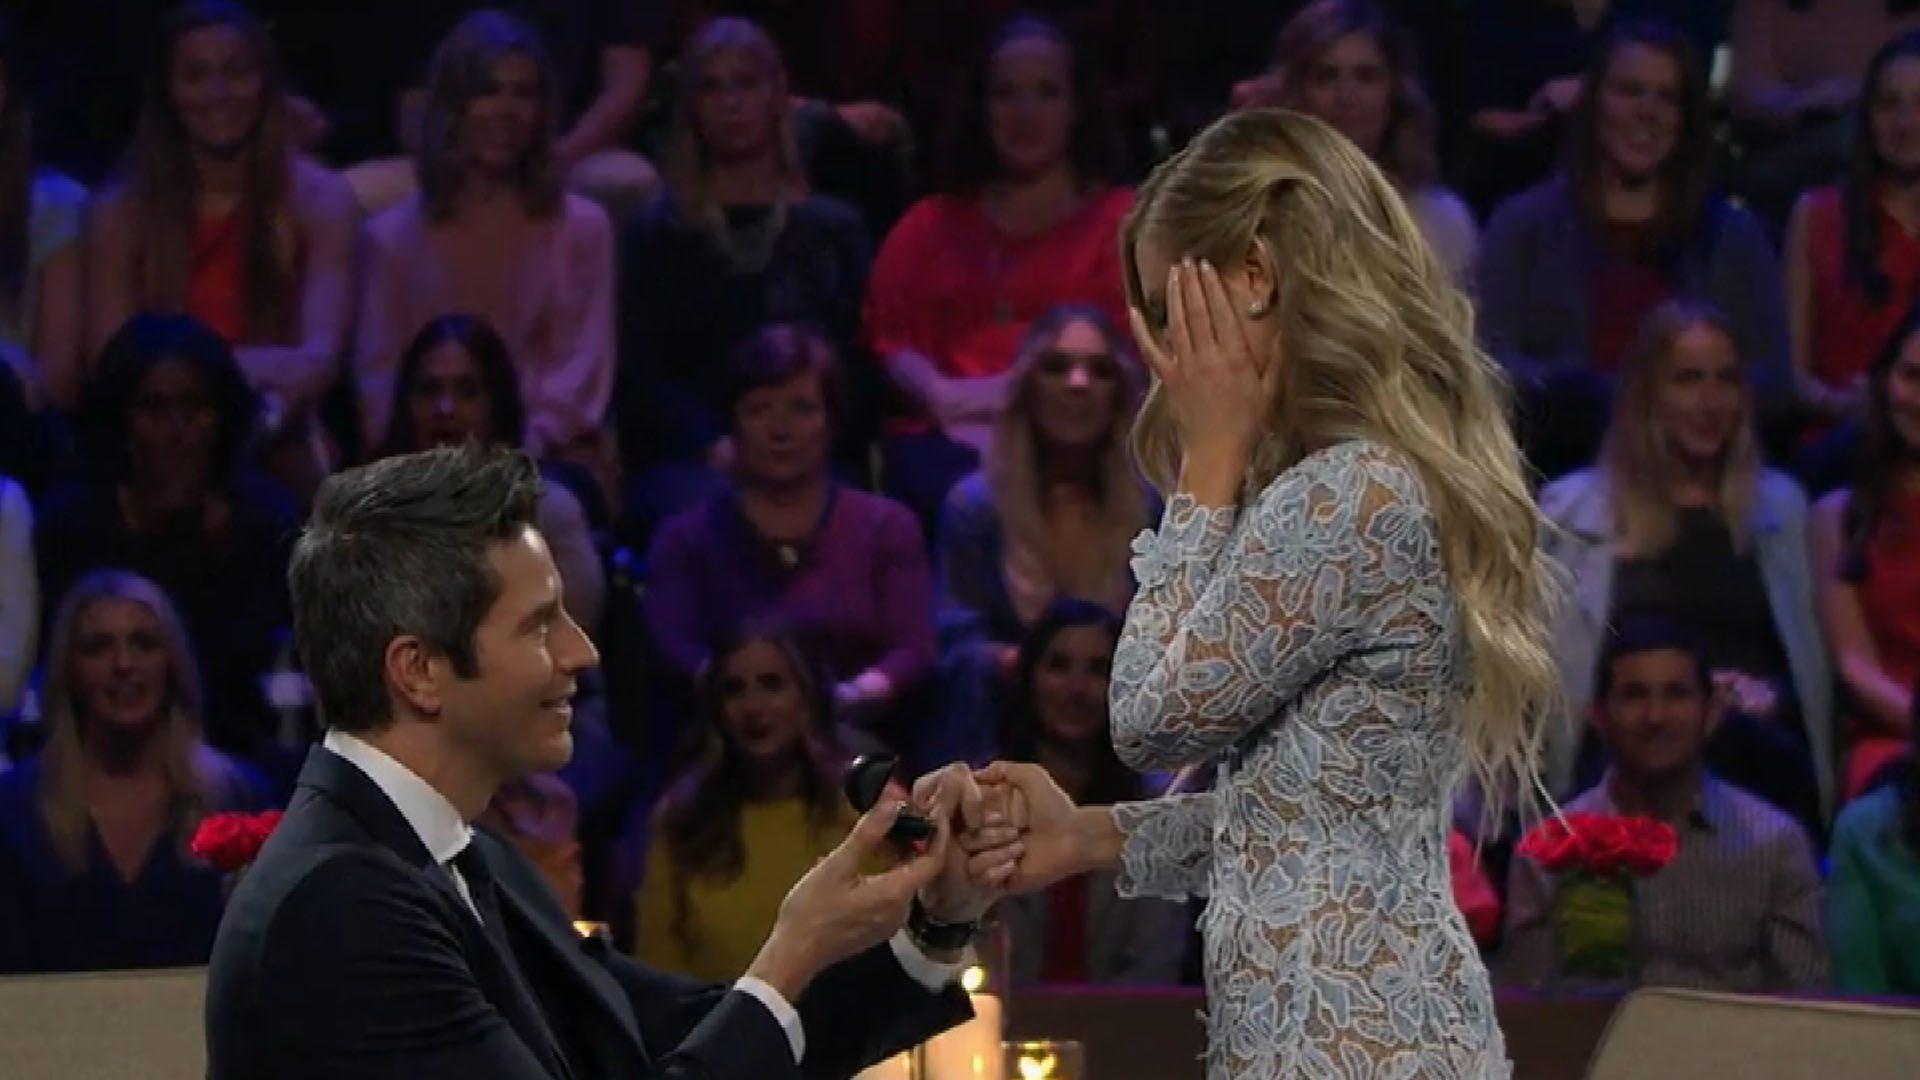 Bachelor Arie Luyendyk Jr And Lauren Burnham Marry In Gorgeous